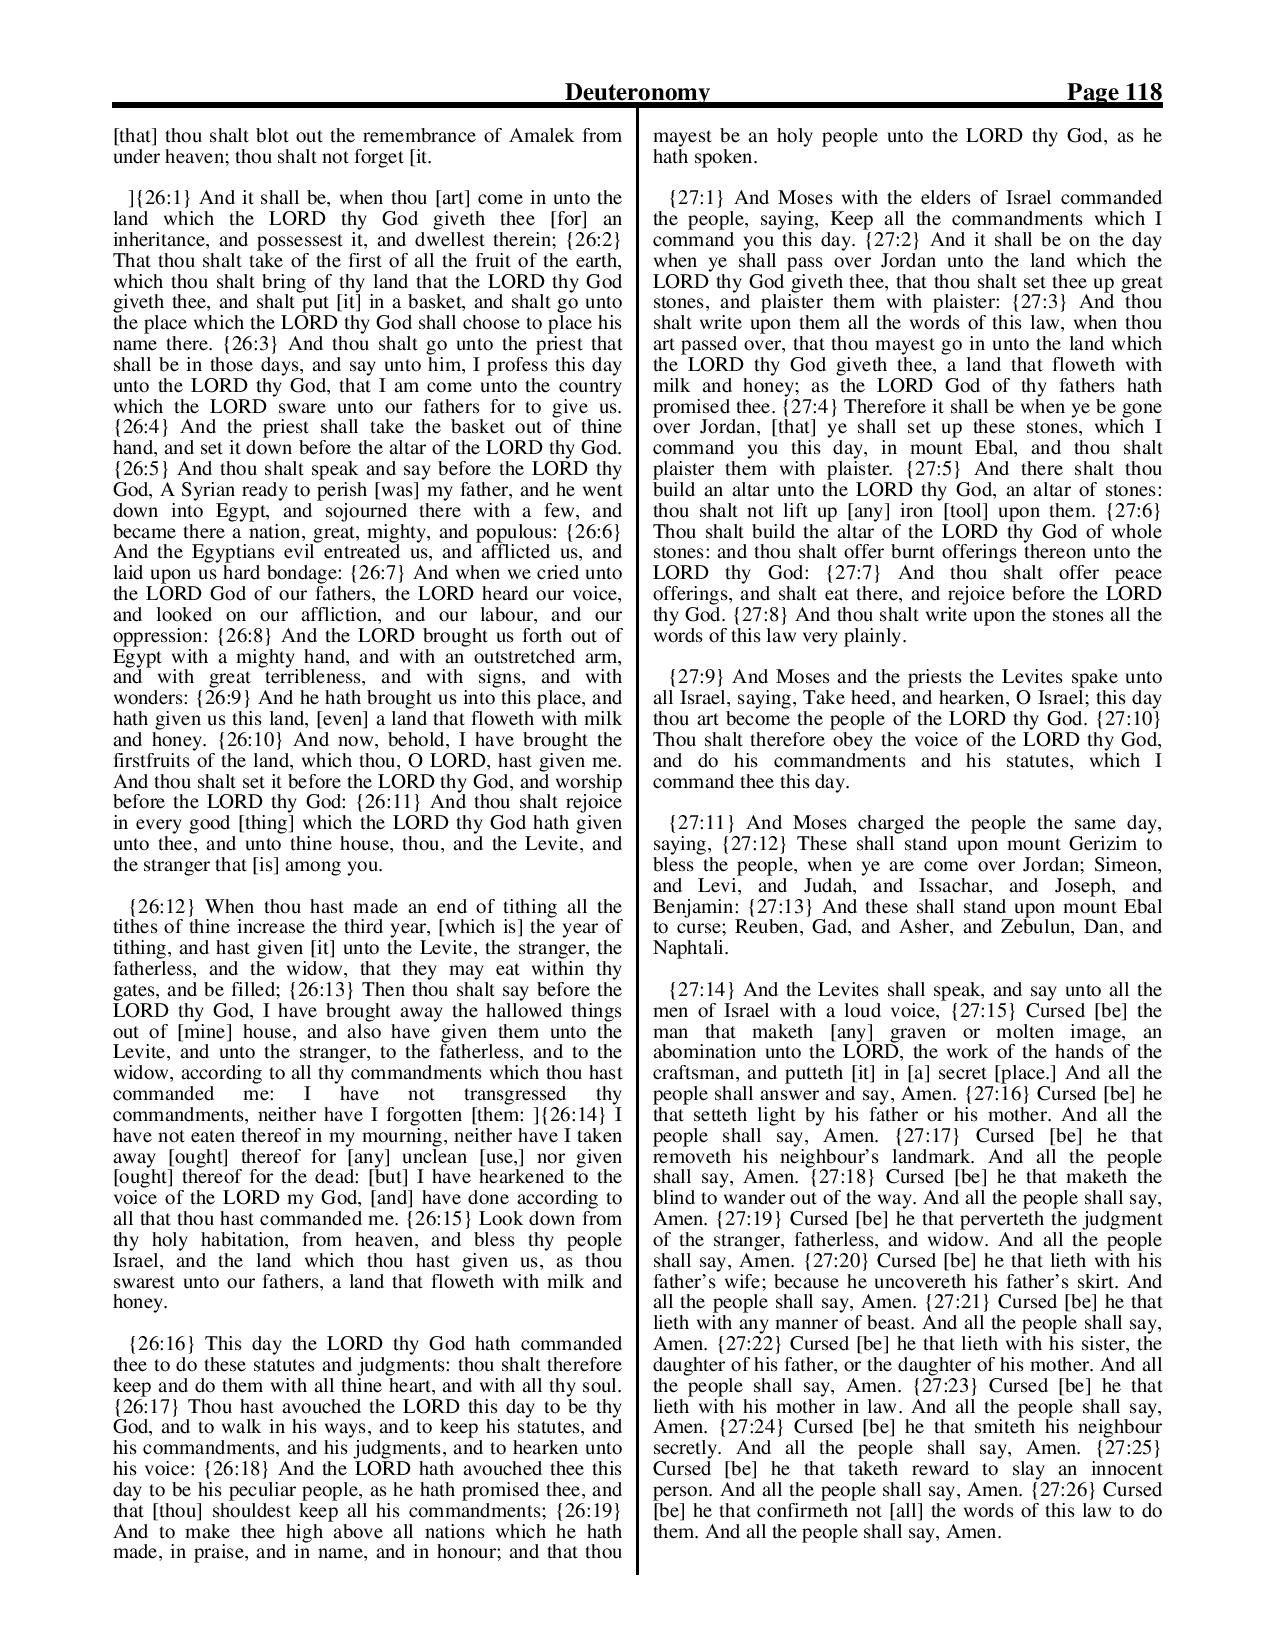 King-James-Bible-KJV-Bible-PDF-page-139